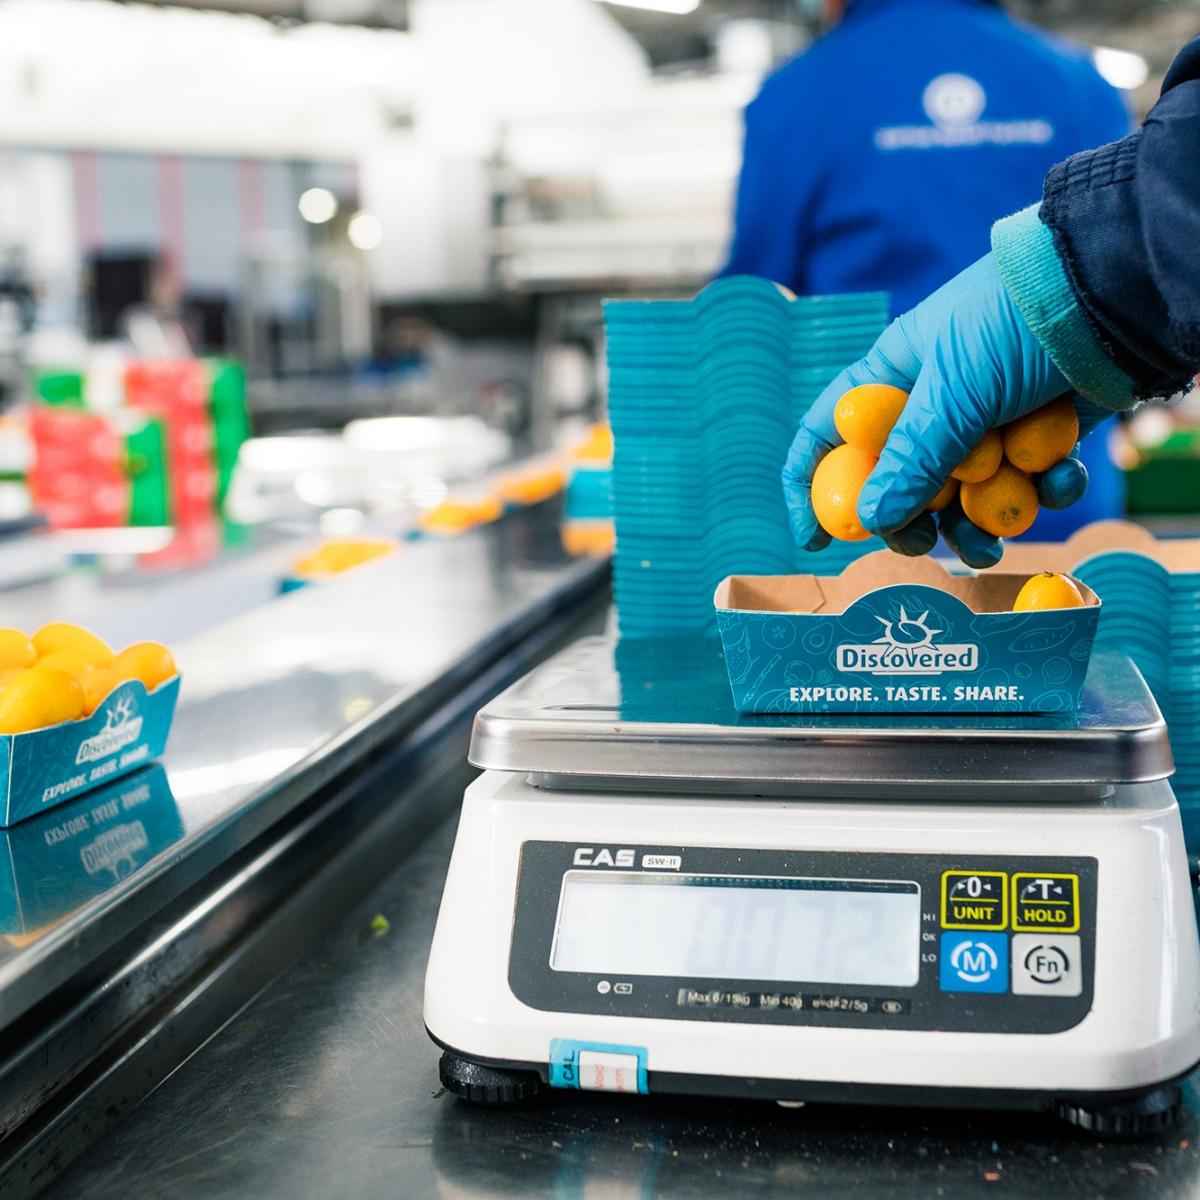 Van een vlekkeloze wifi-verbinding tot een slimme oplossing om snel etiketten te printen: het succesverhaal van REG & TECH